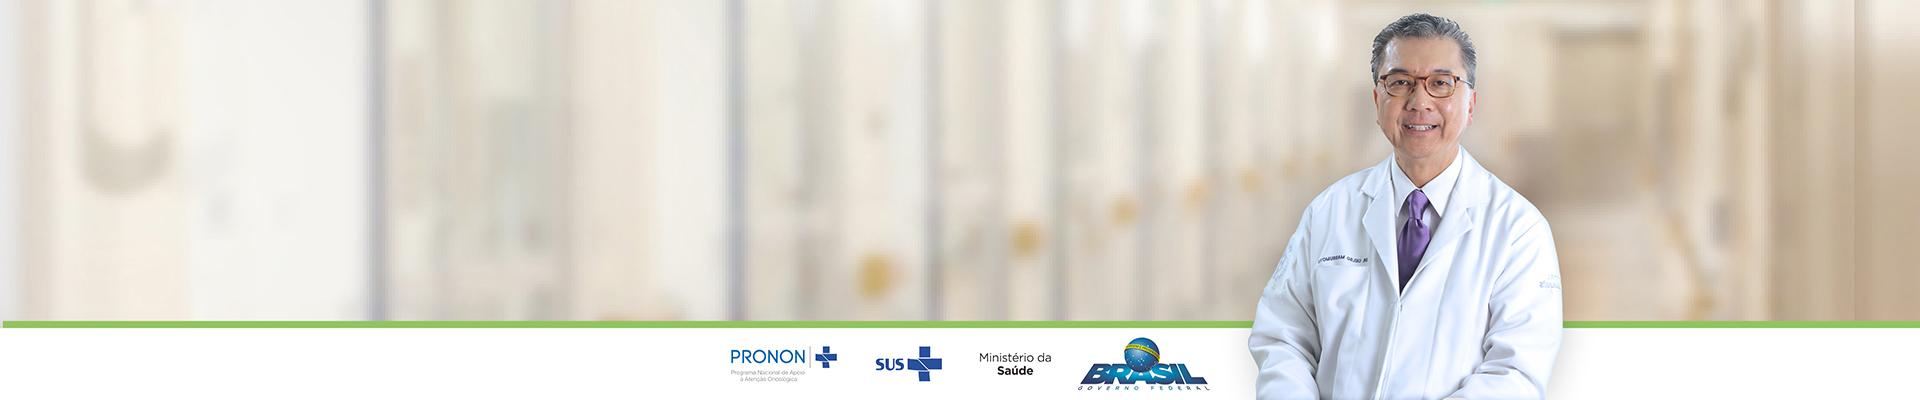 Banner linfoma hodgkin 1